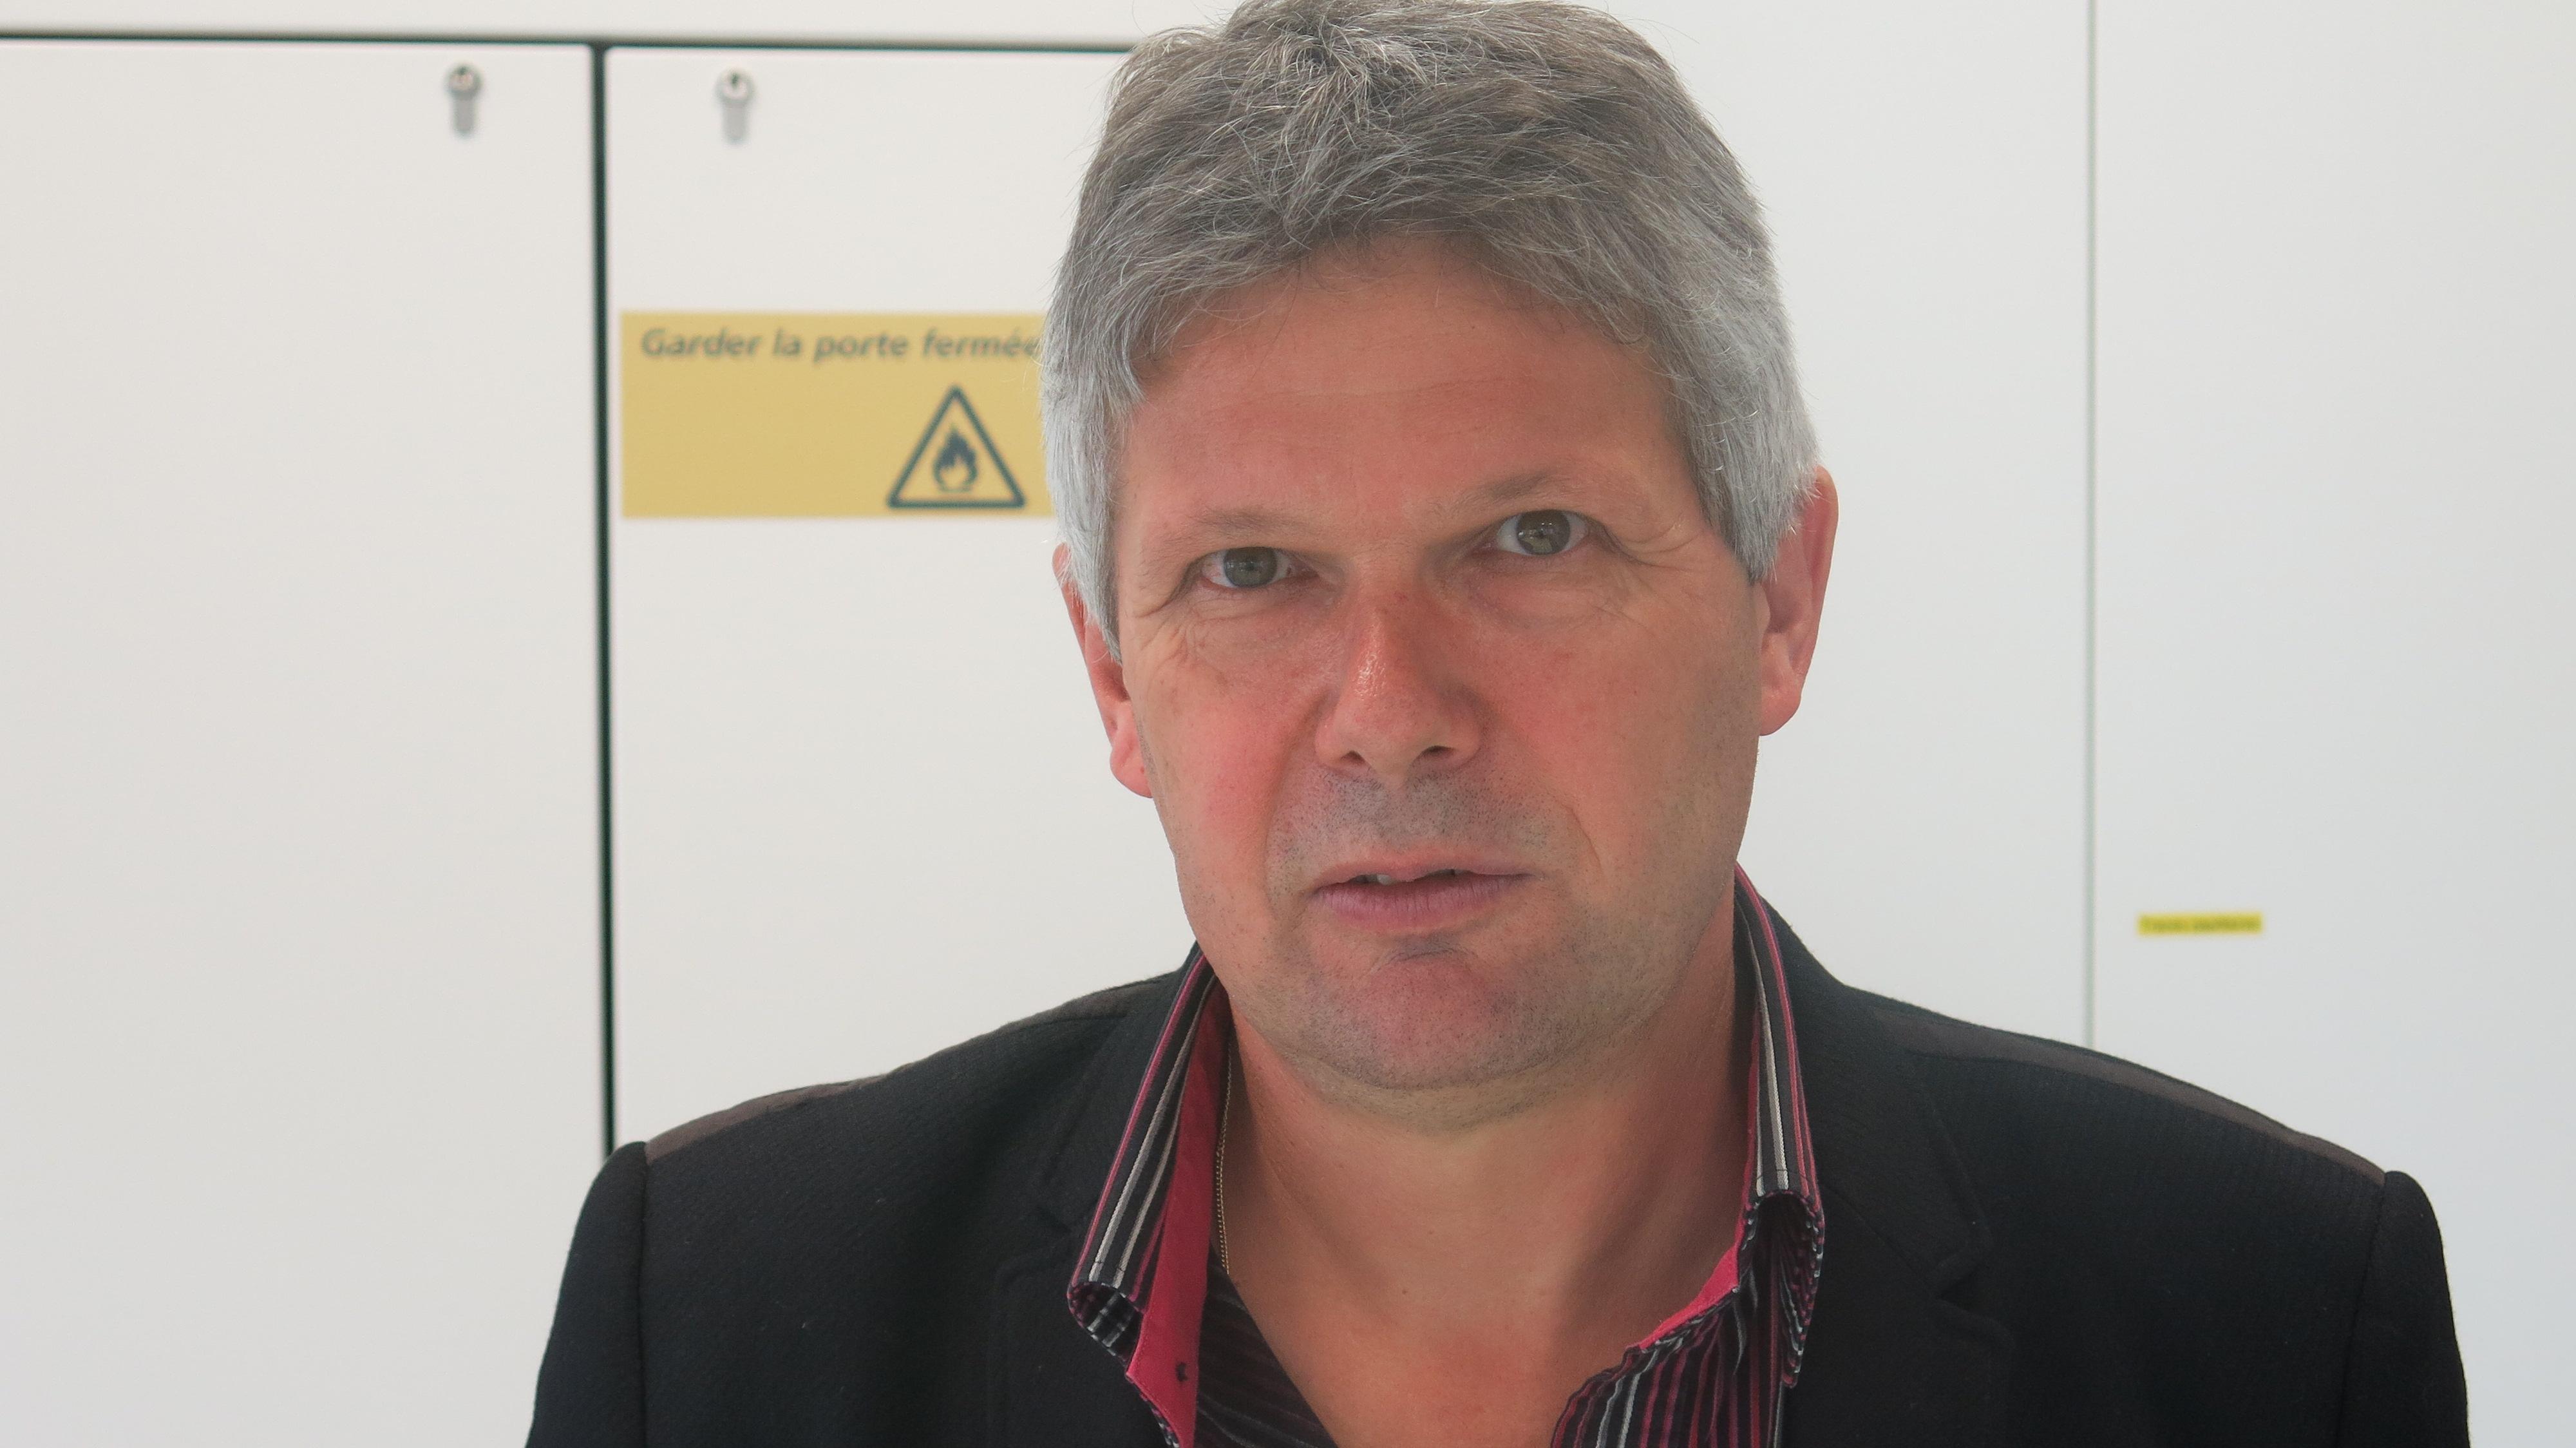 Gespräch mit Hugo Schuwey (8.10.2014)